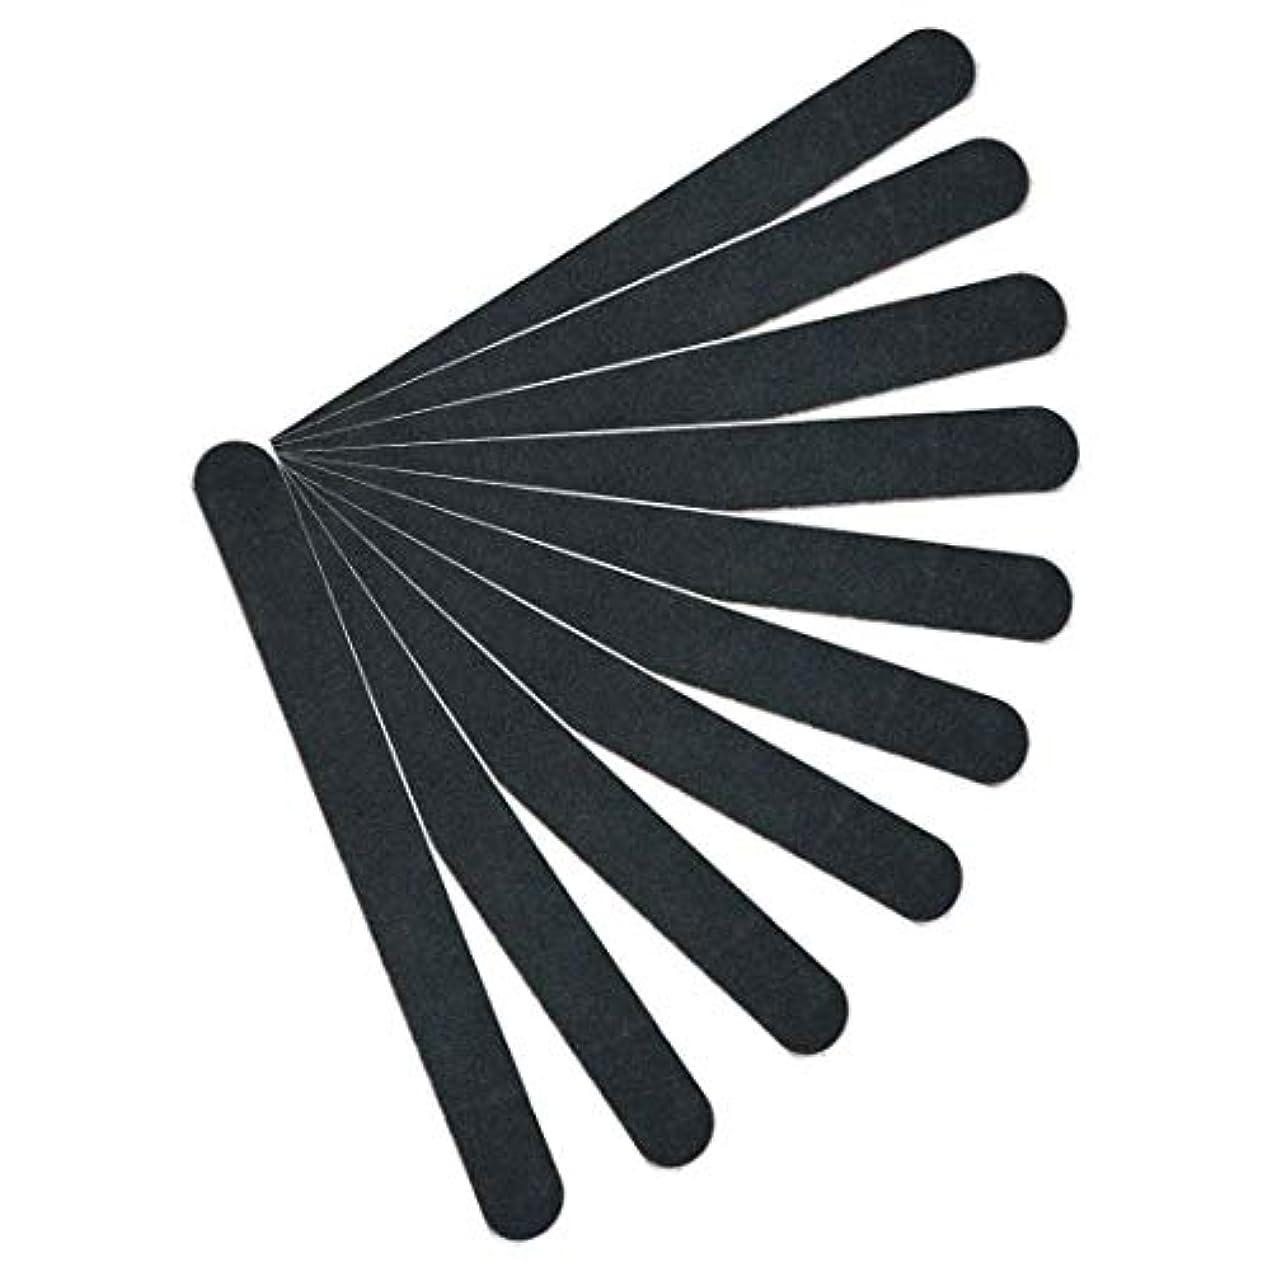 立証するホールドオールポスト印象派【kimari】(10本セット)kmr-001ブラックネイルファイル エメリーボード 100/180グリット 爪けずり ネイルやすり